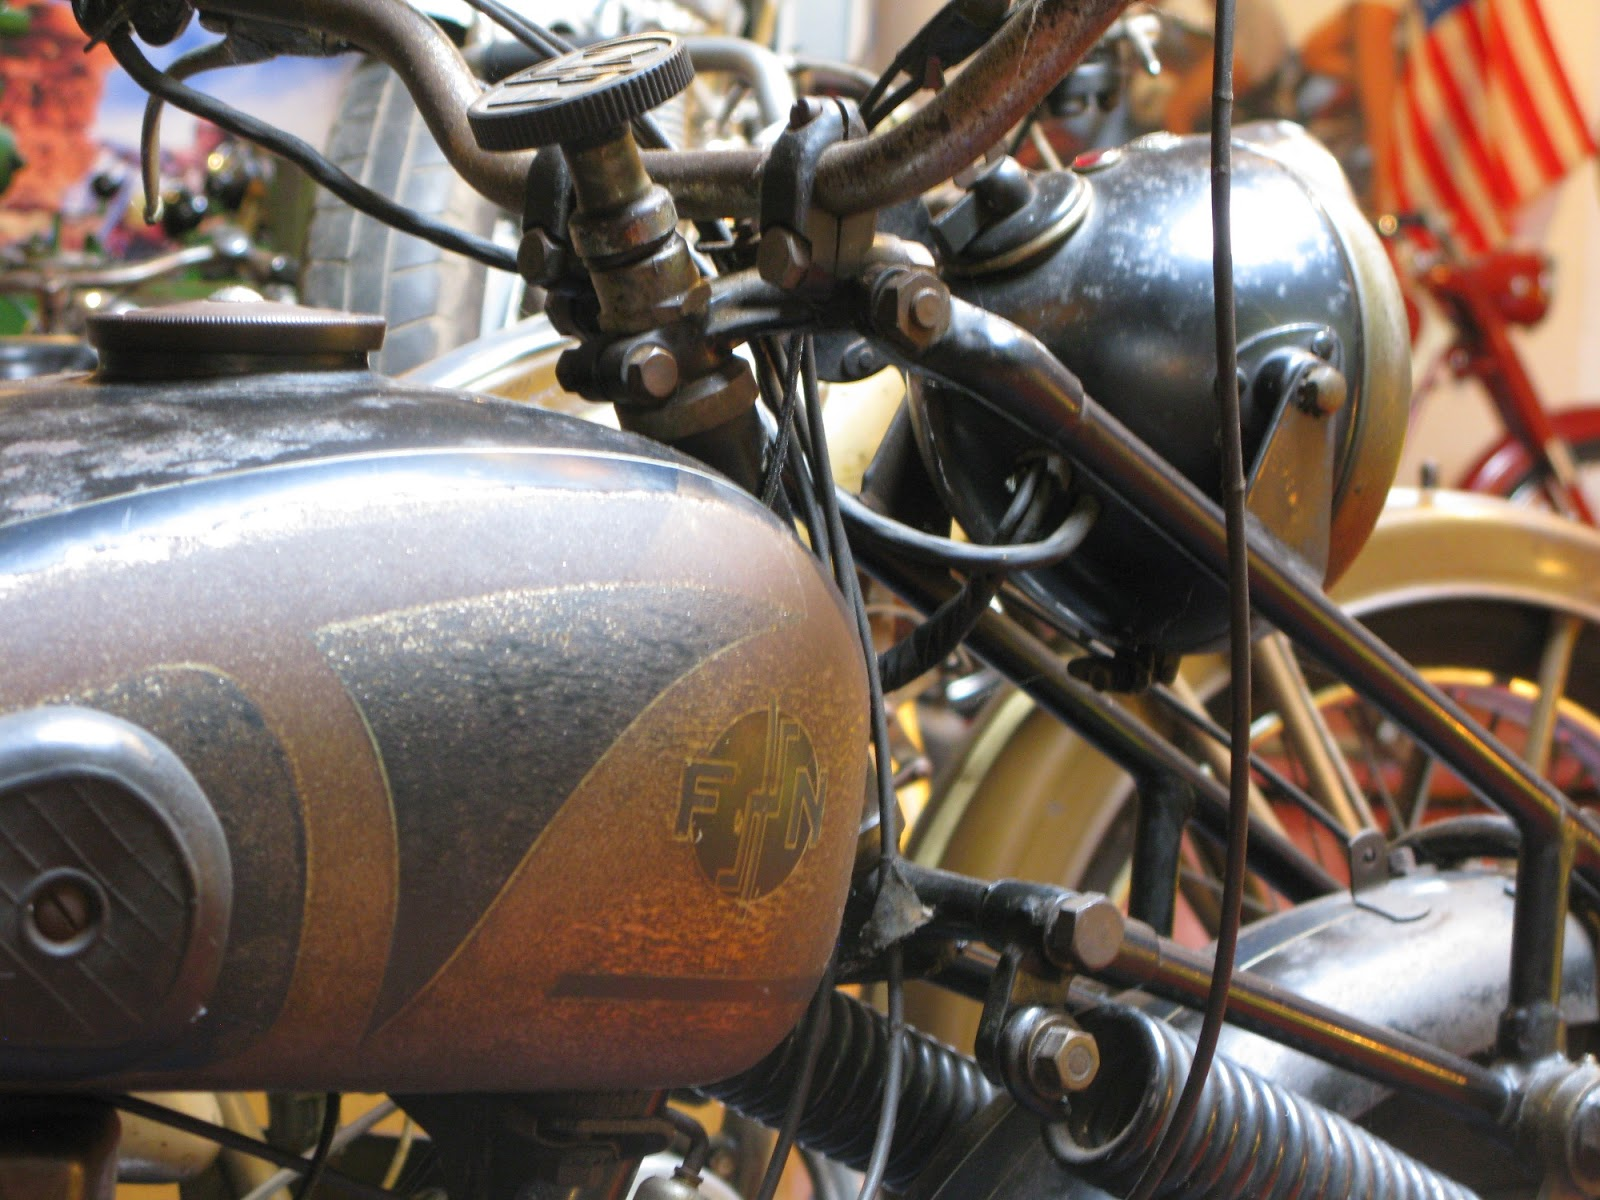 FN motorcycle